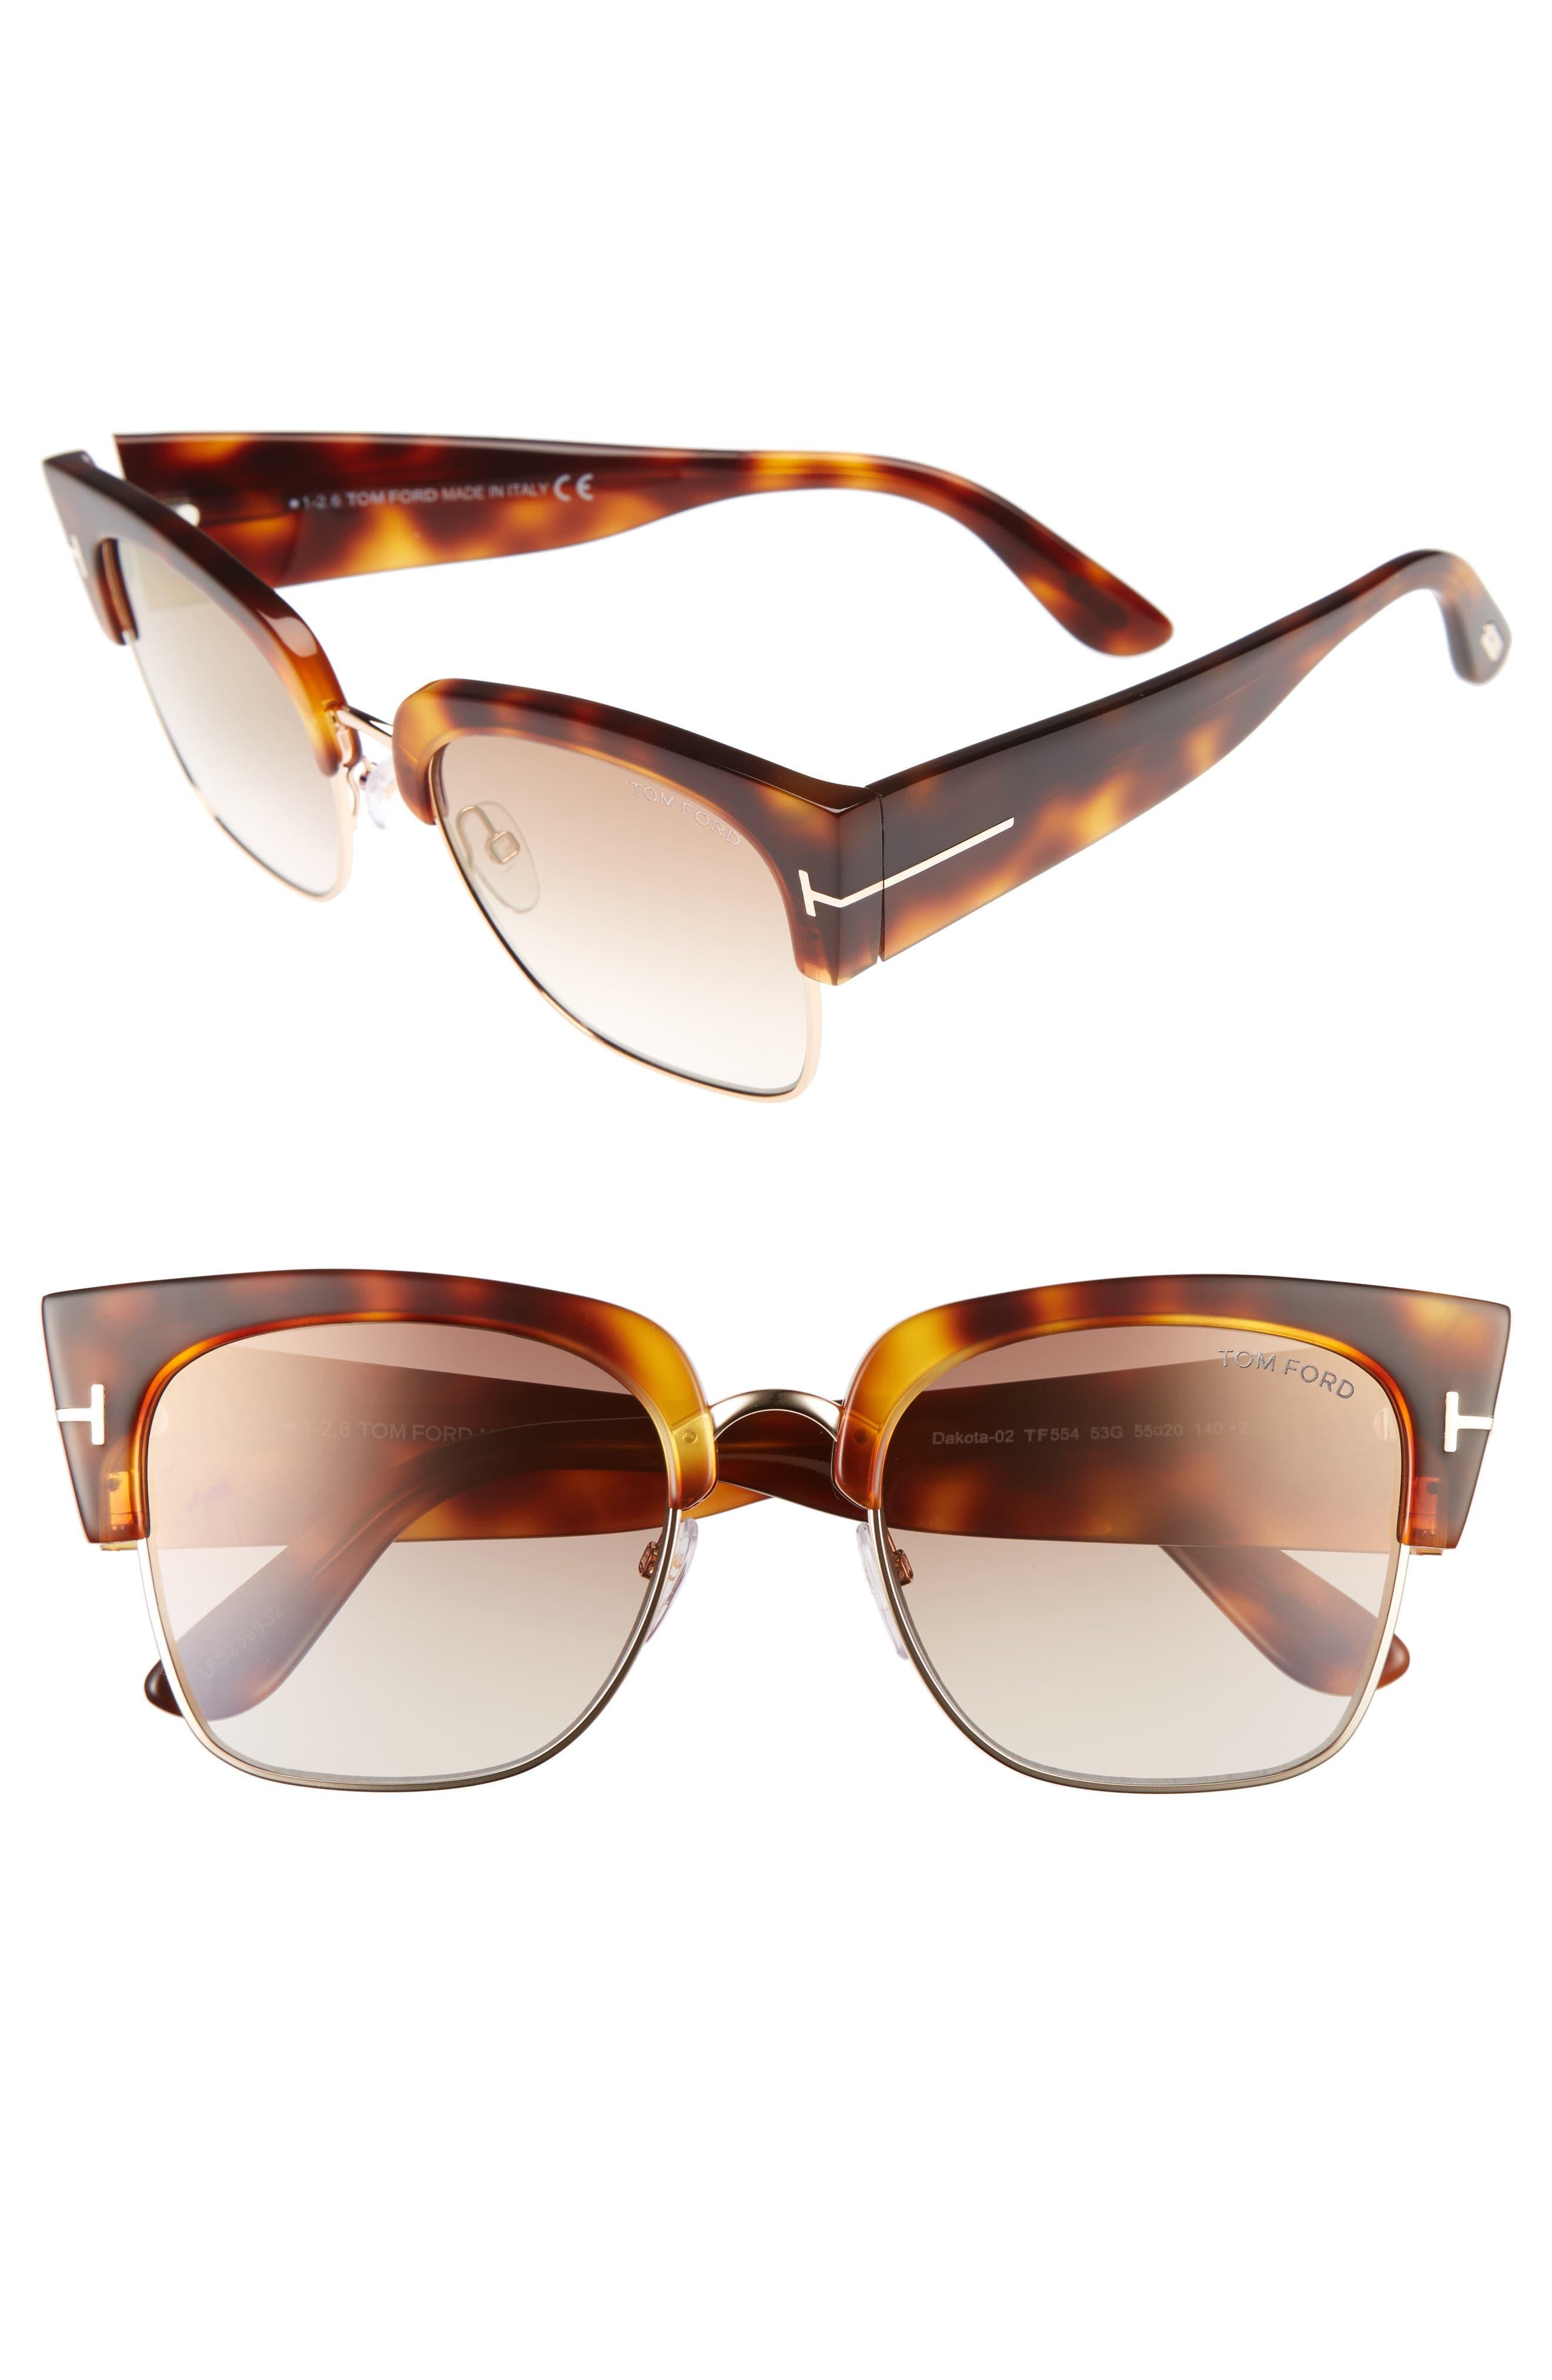 Dakota 55mm Retro Sunglasses,                             Main thumbnail 1, color,                             200